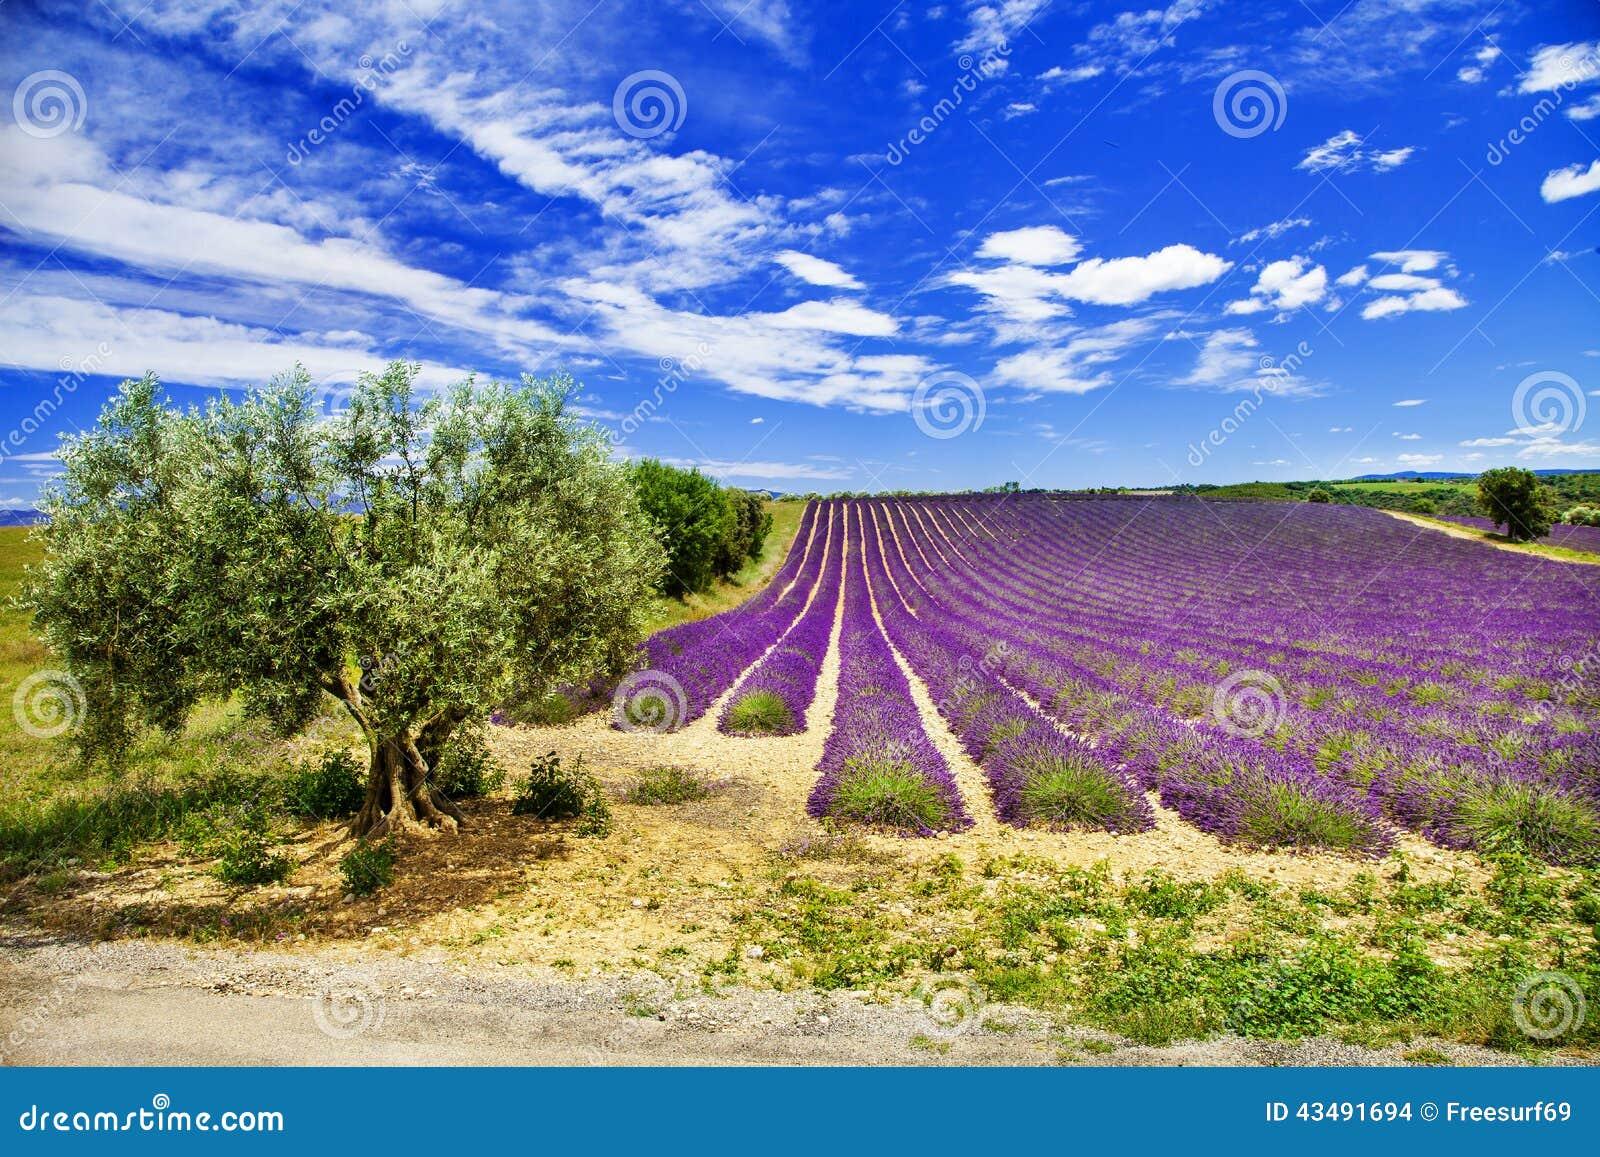 Paysage sc nique de la provence avec le lavande de floraison photo stock image 43491694 - Floraison de la lavande ...